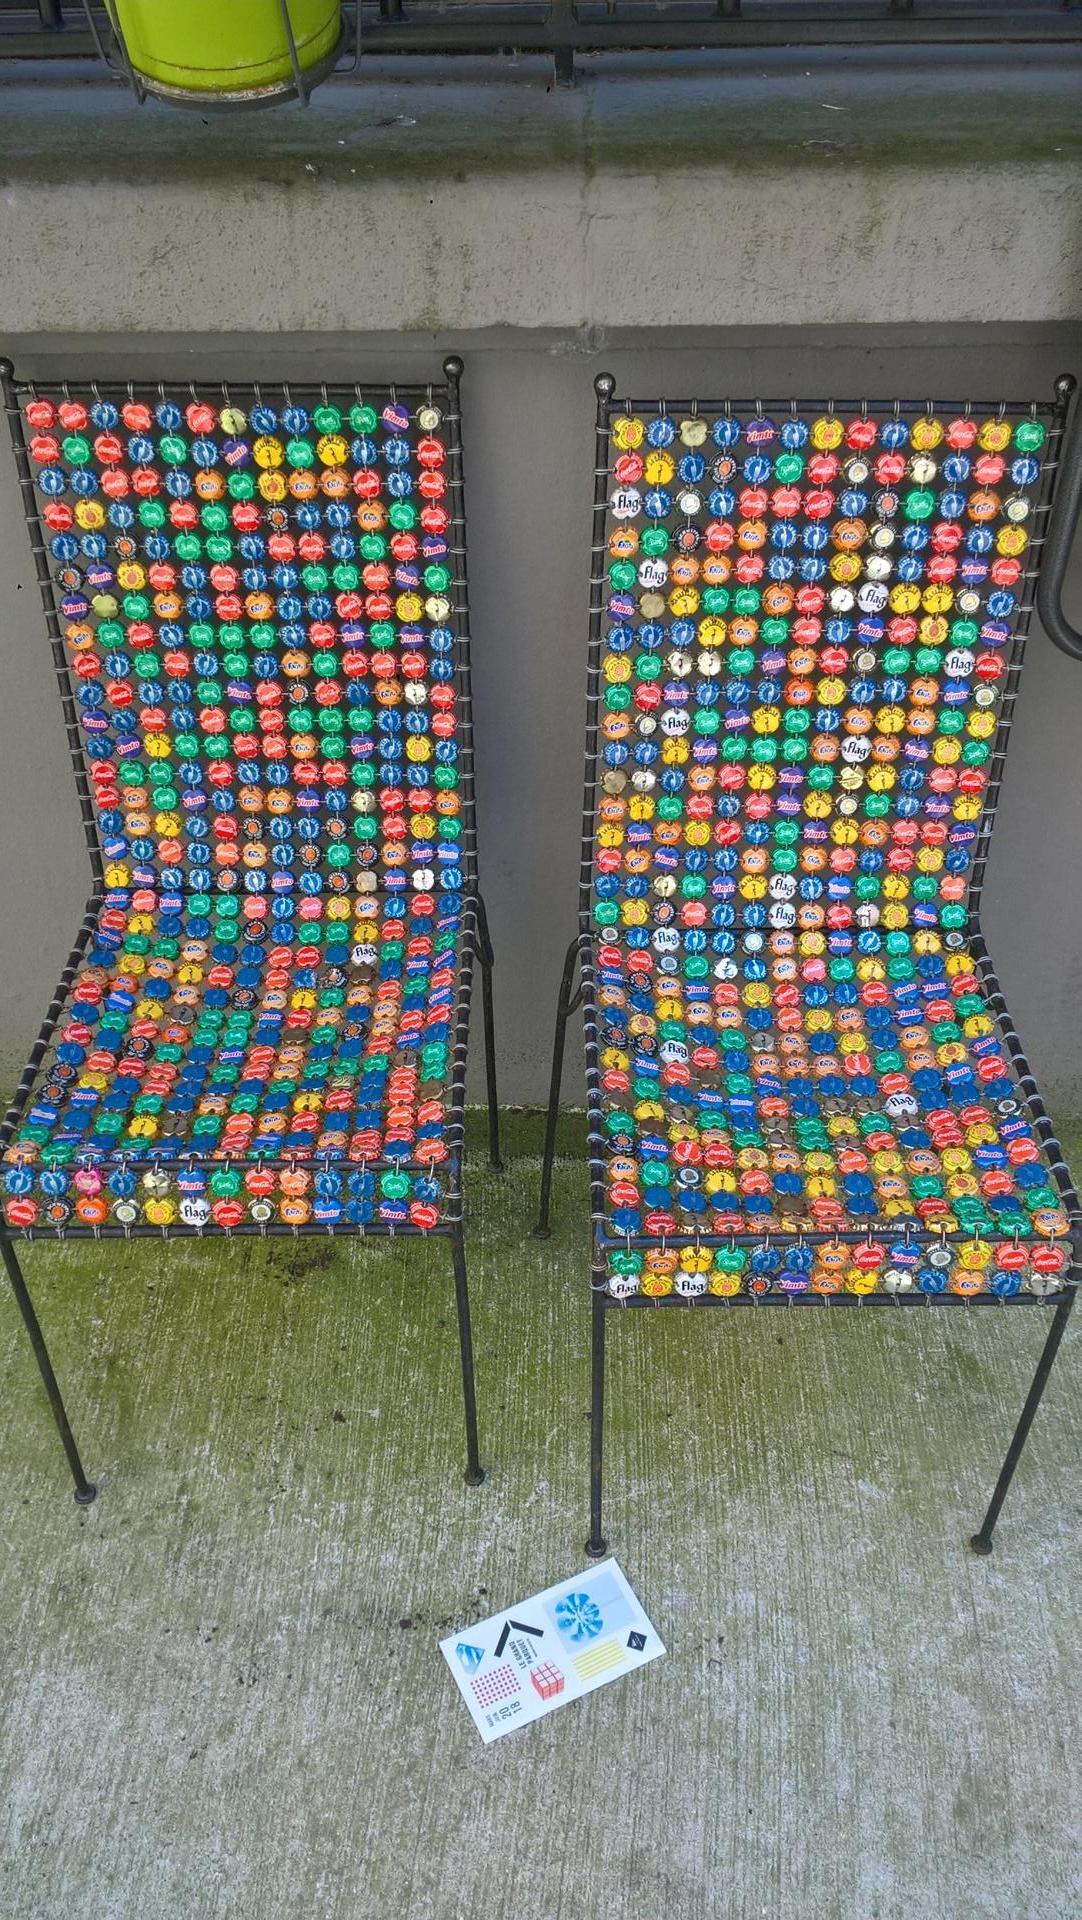 Sympa ce style de chaises !